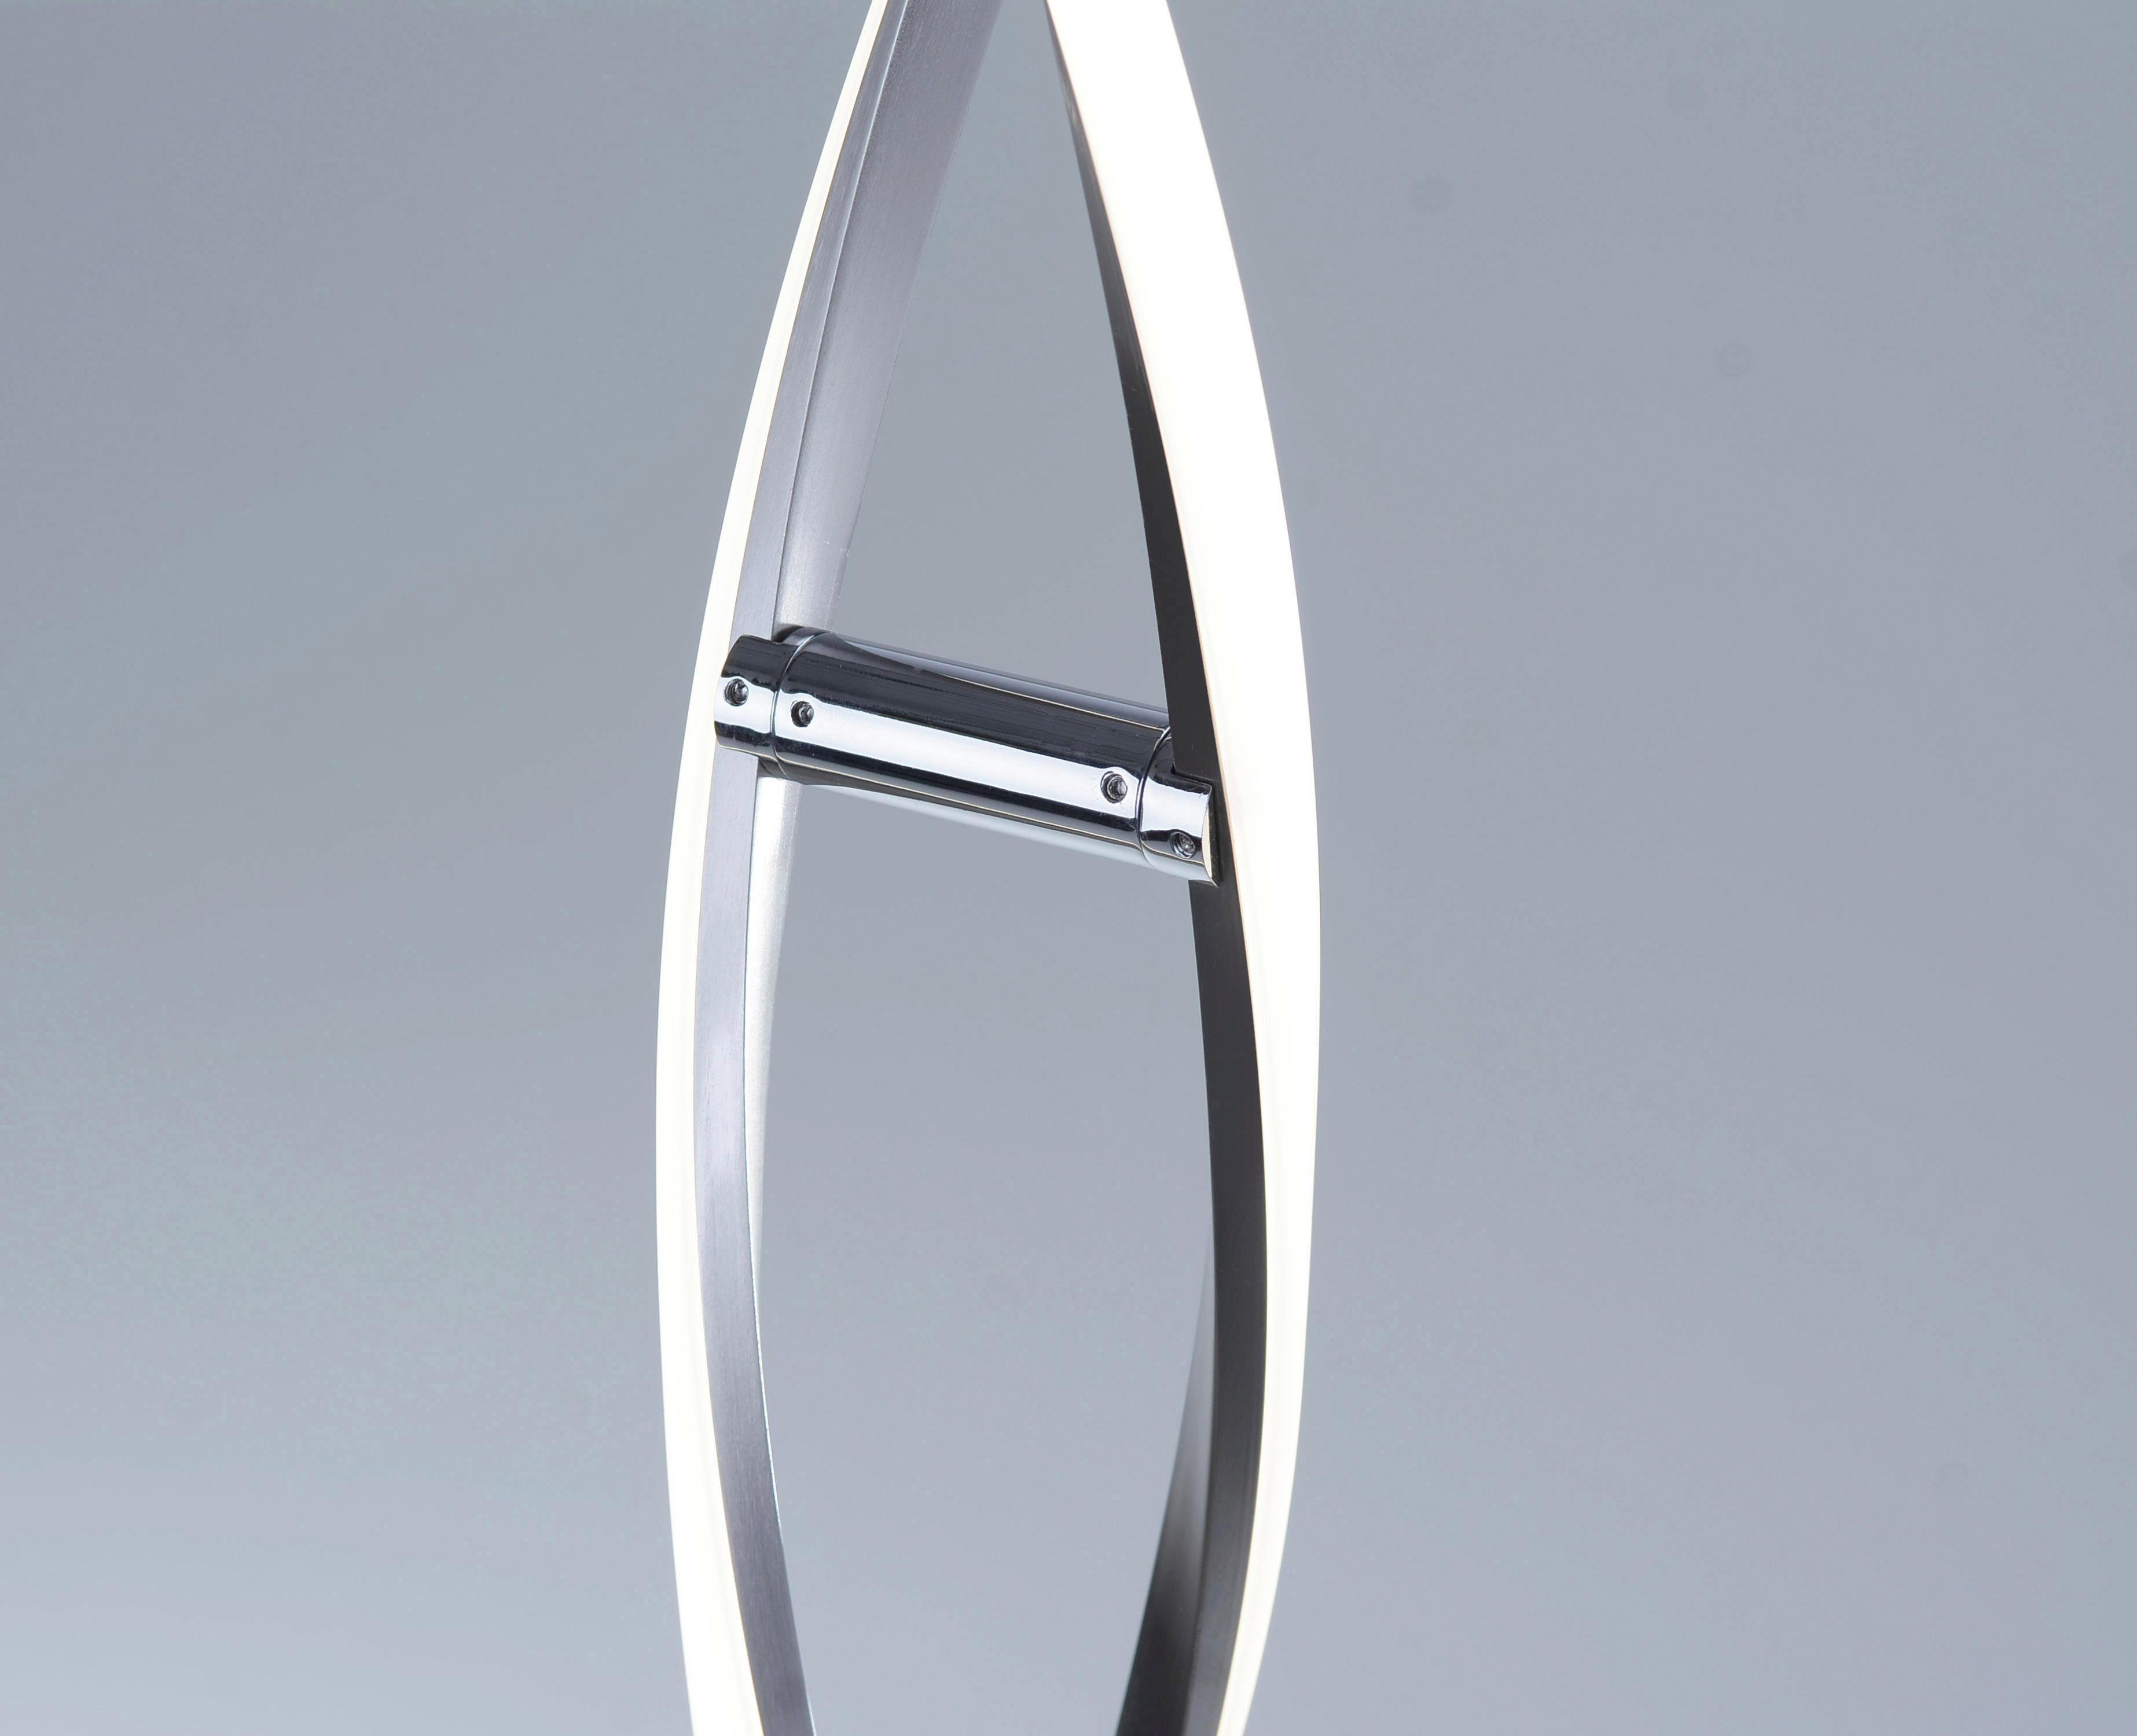 LED-GOLVLAMPA - nickelfärgad, Klassisk, metall (136cm)